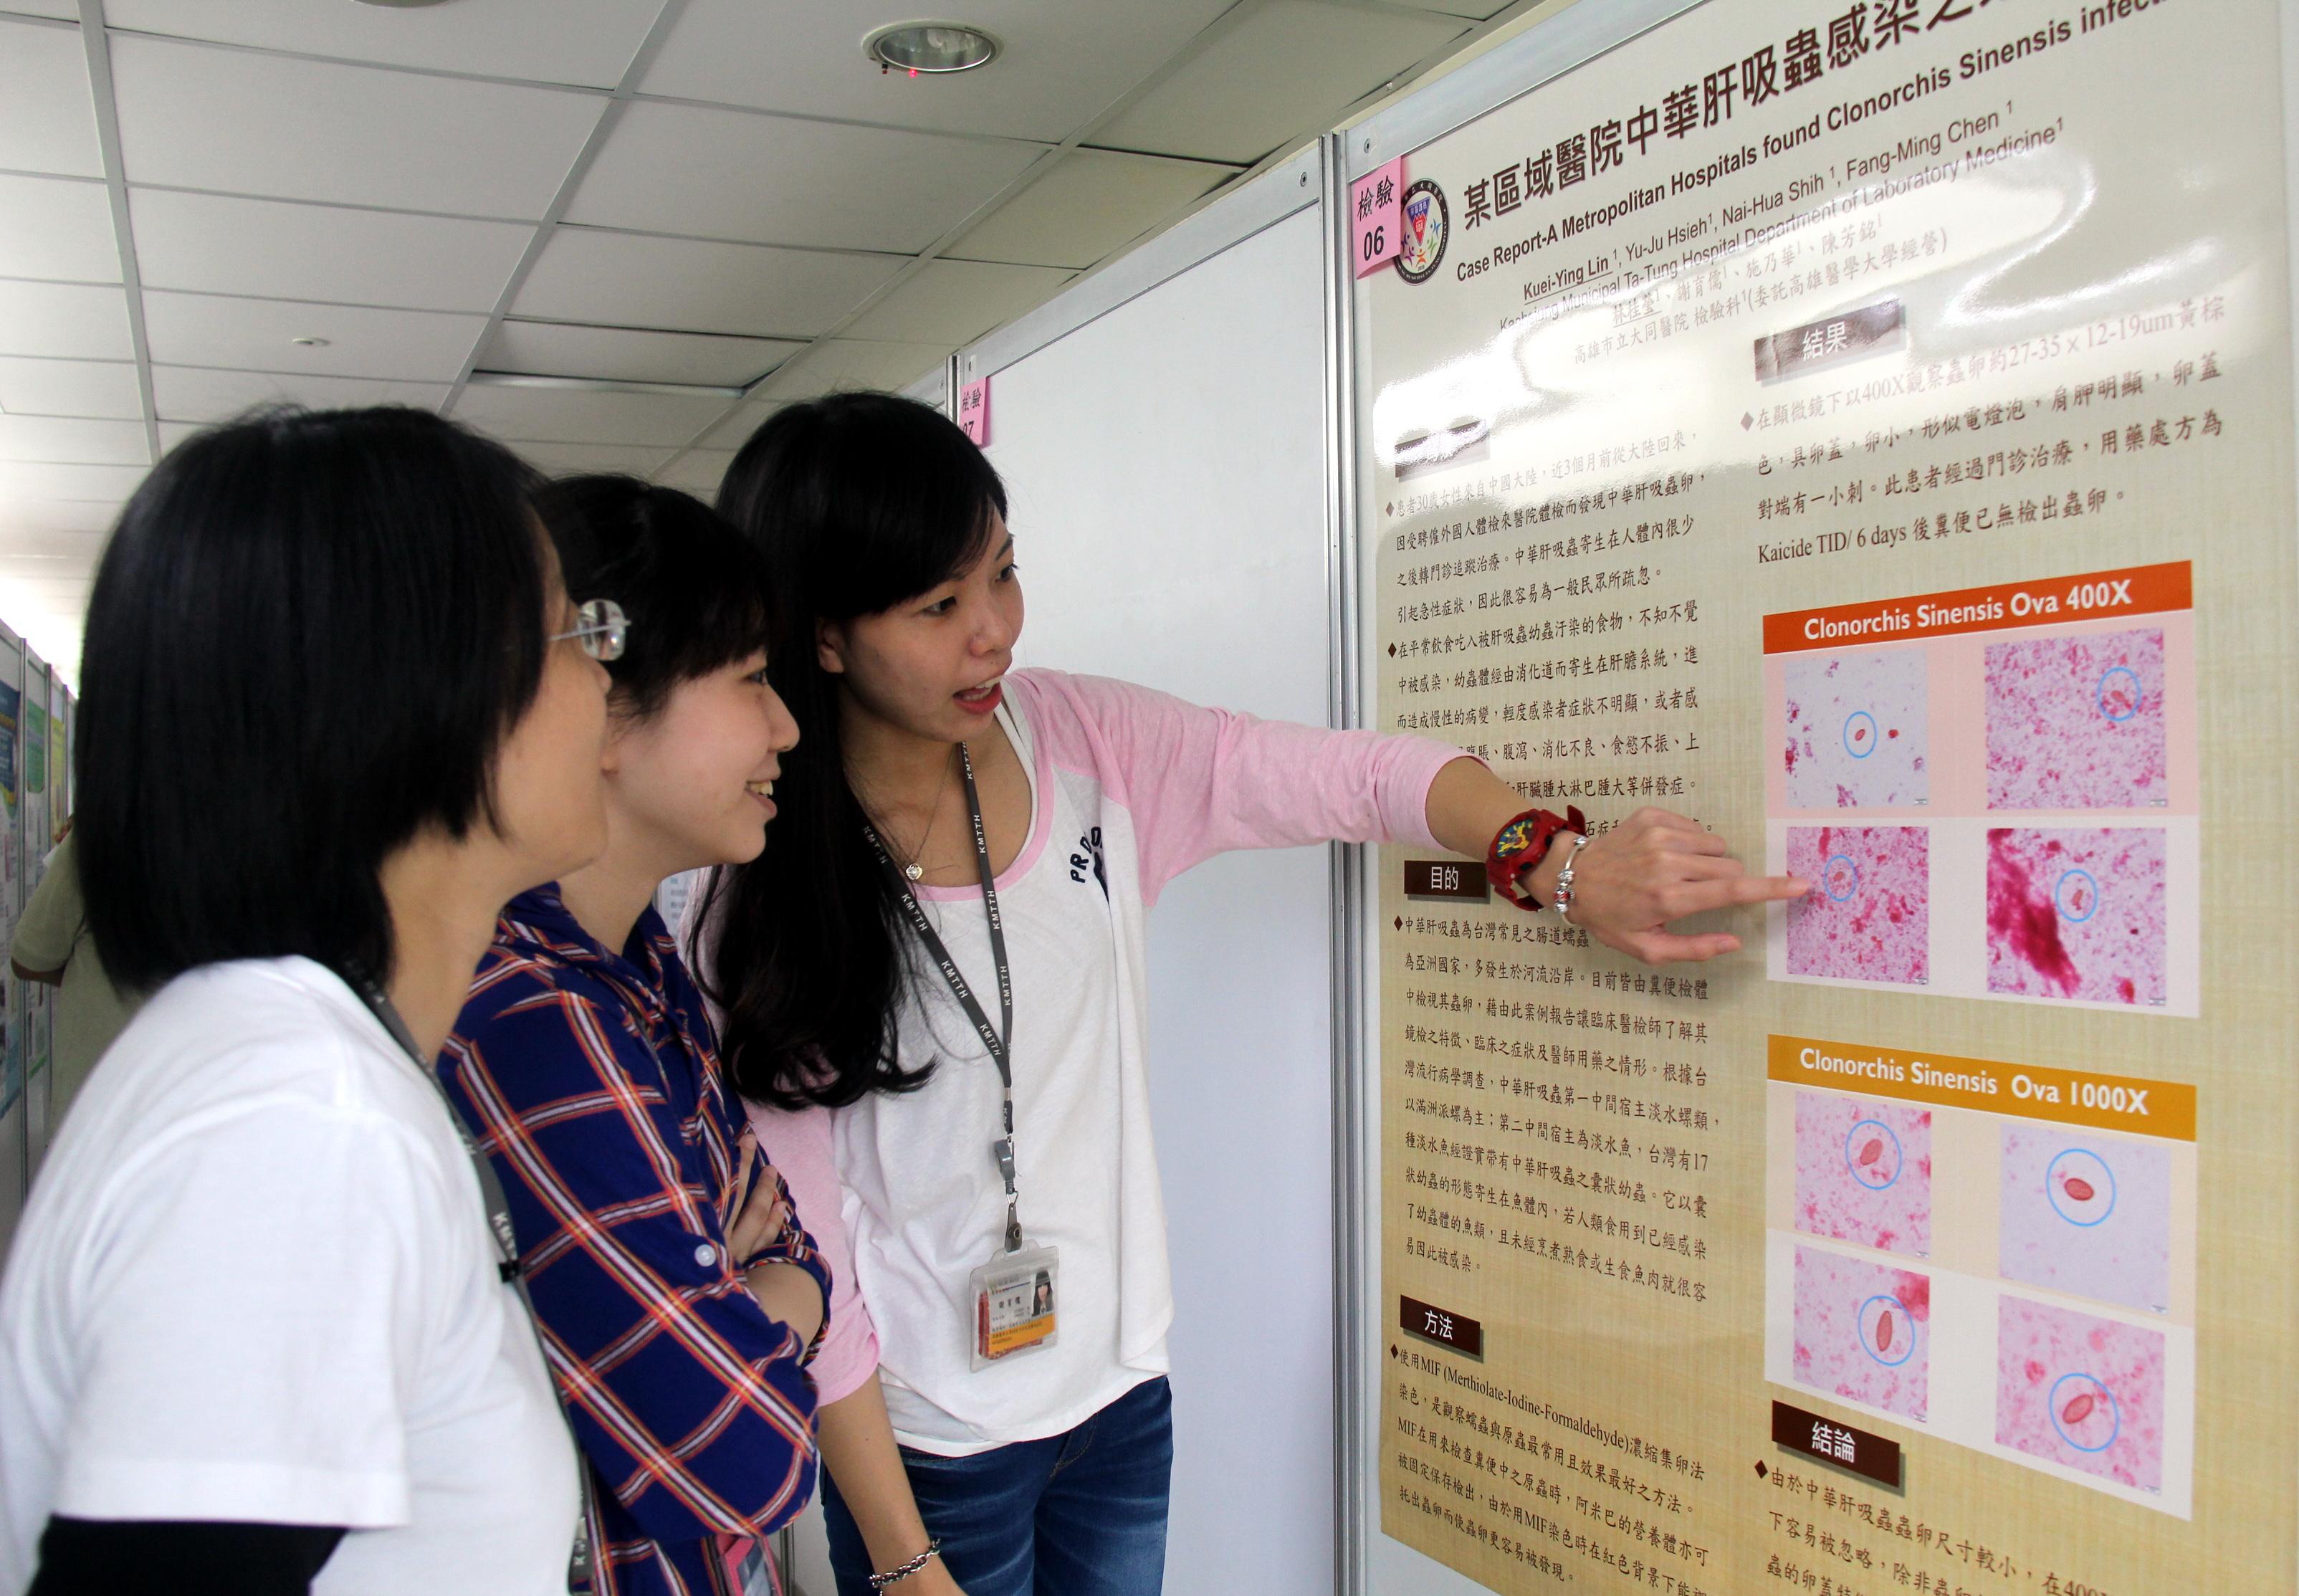 醫事聯合學術研討會 (1)